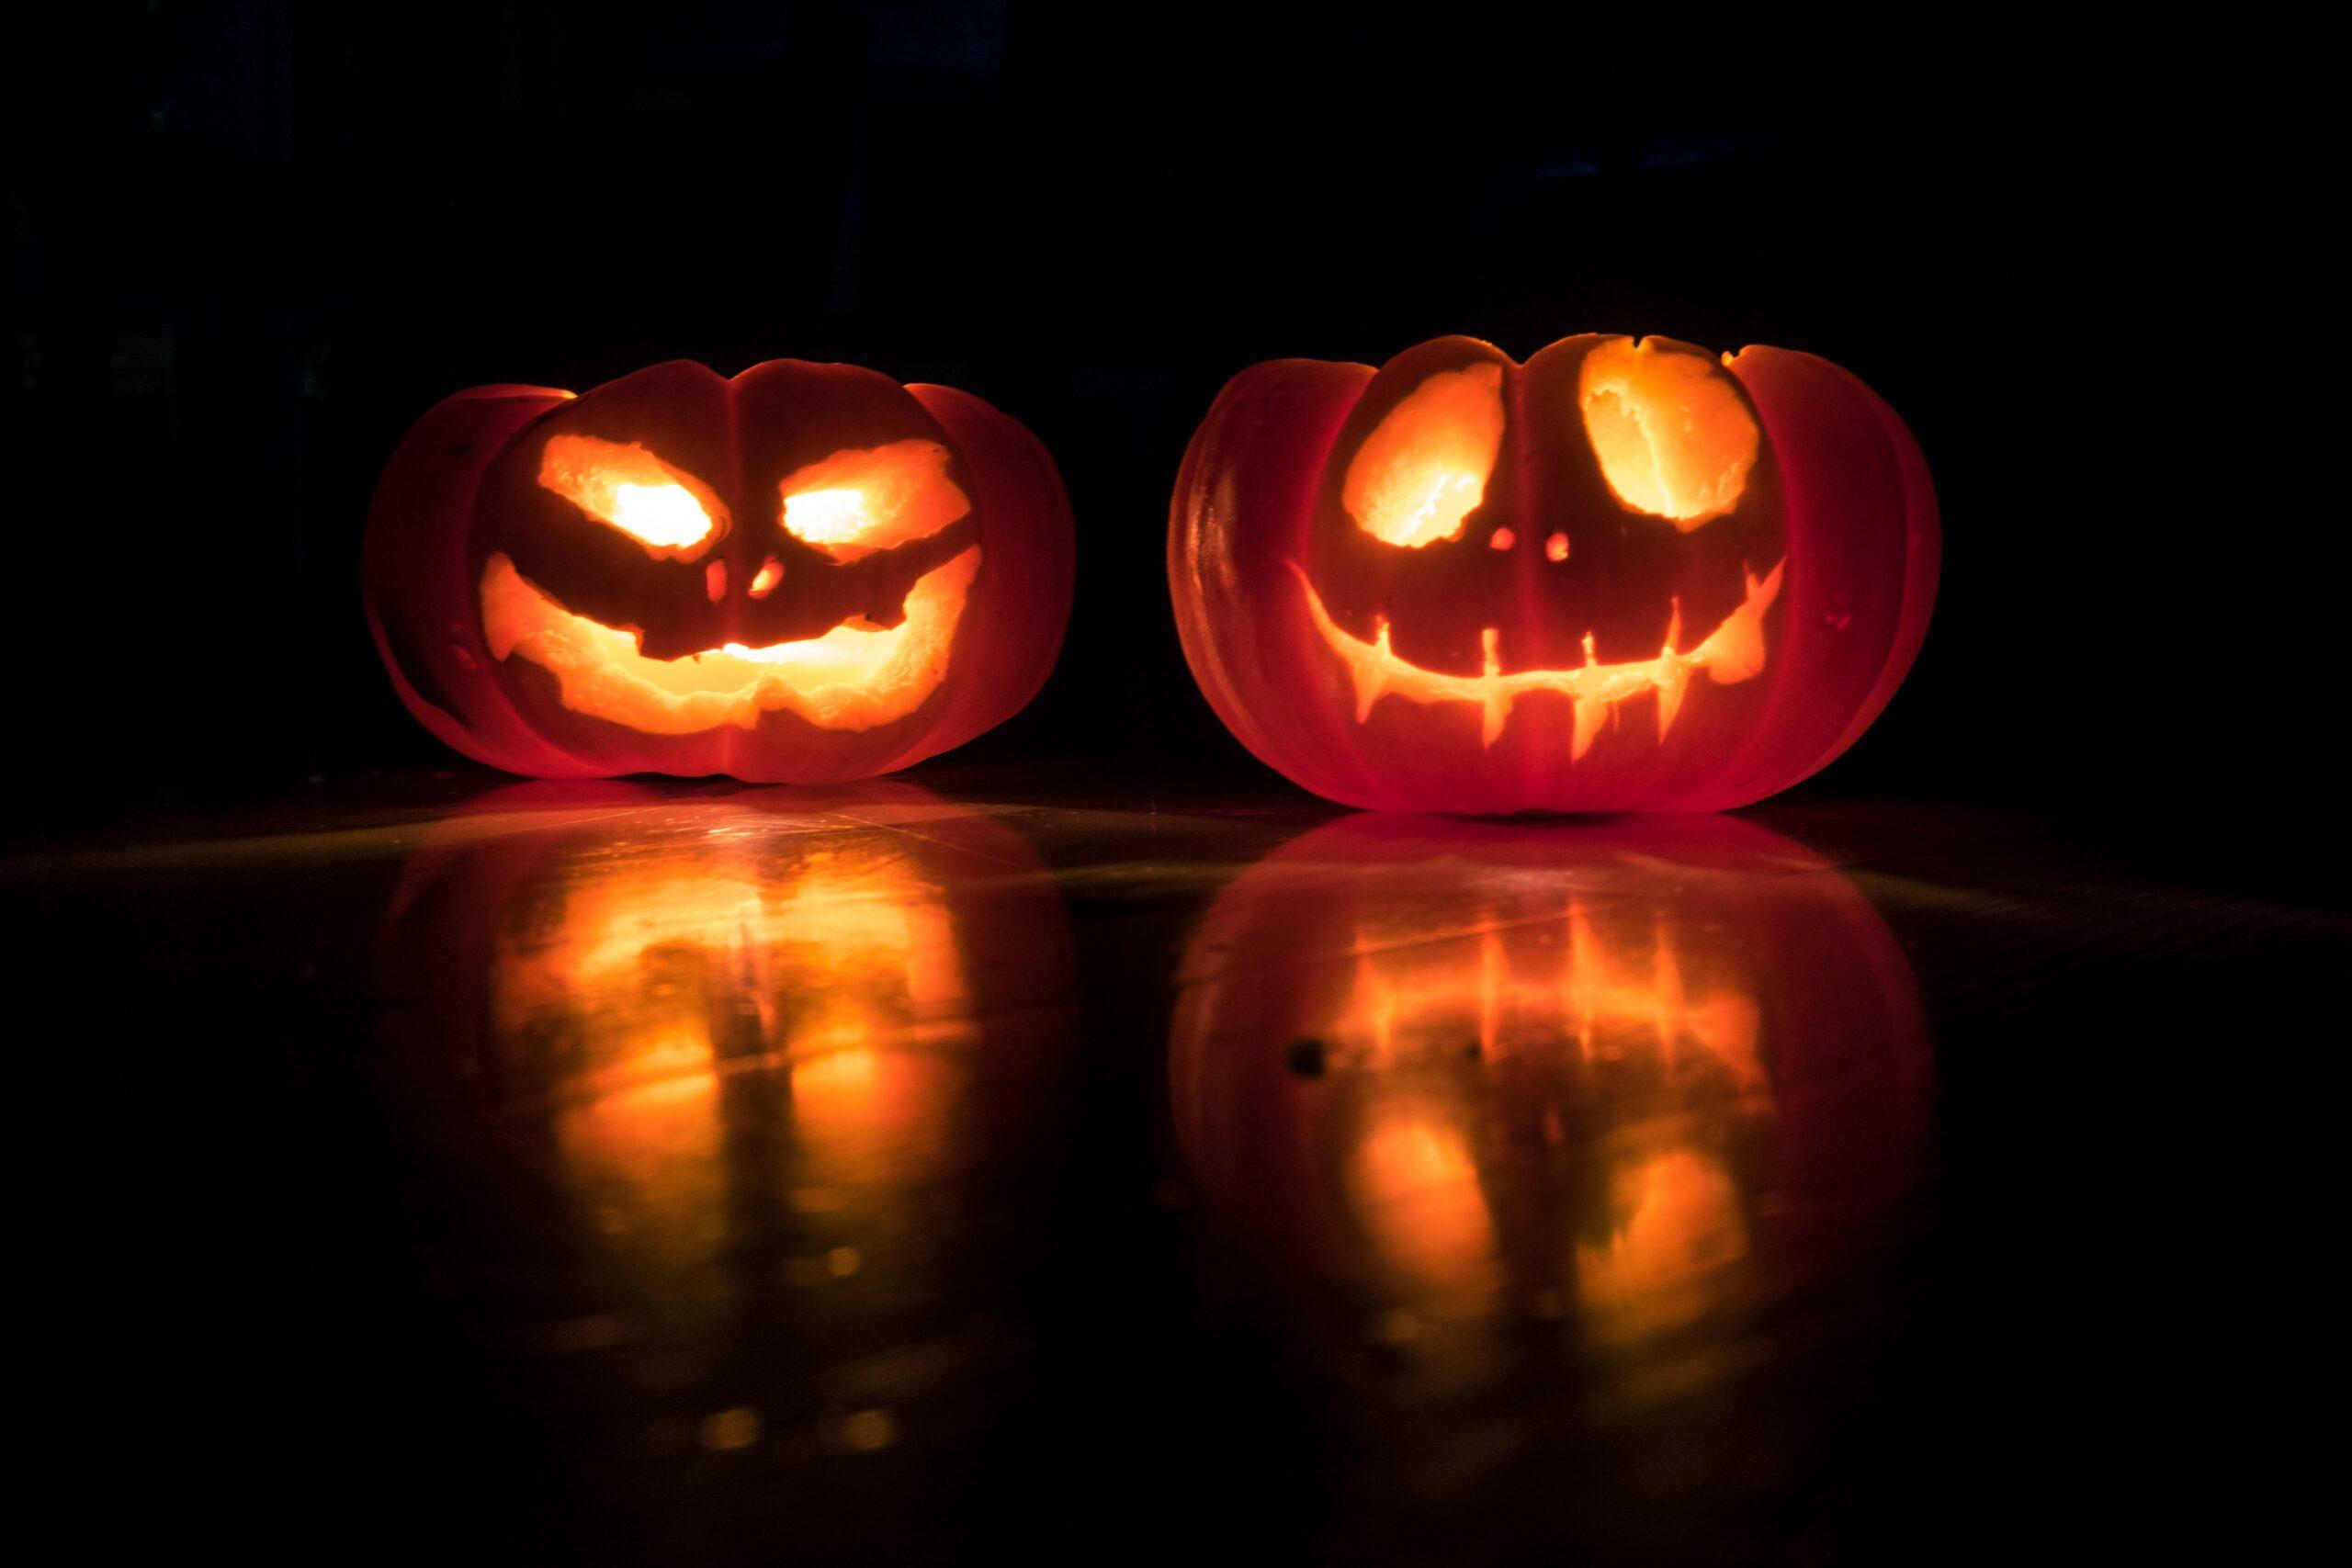 Halloween pumpkin 2020